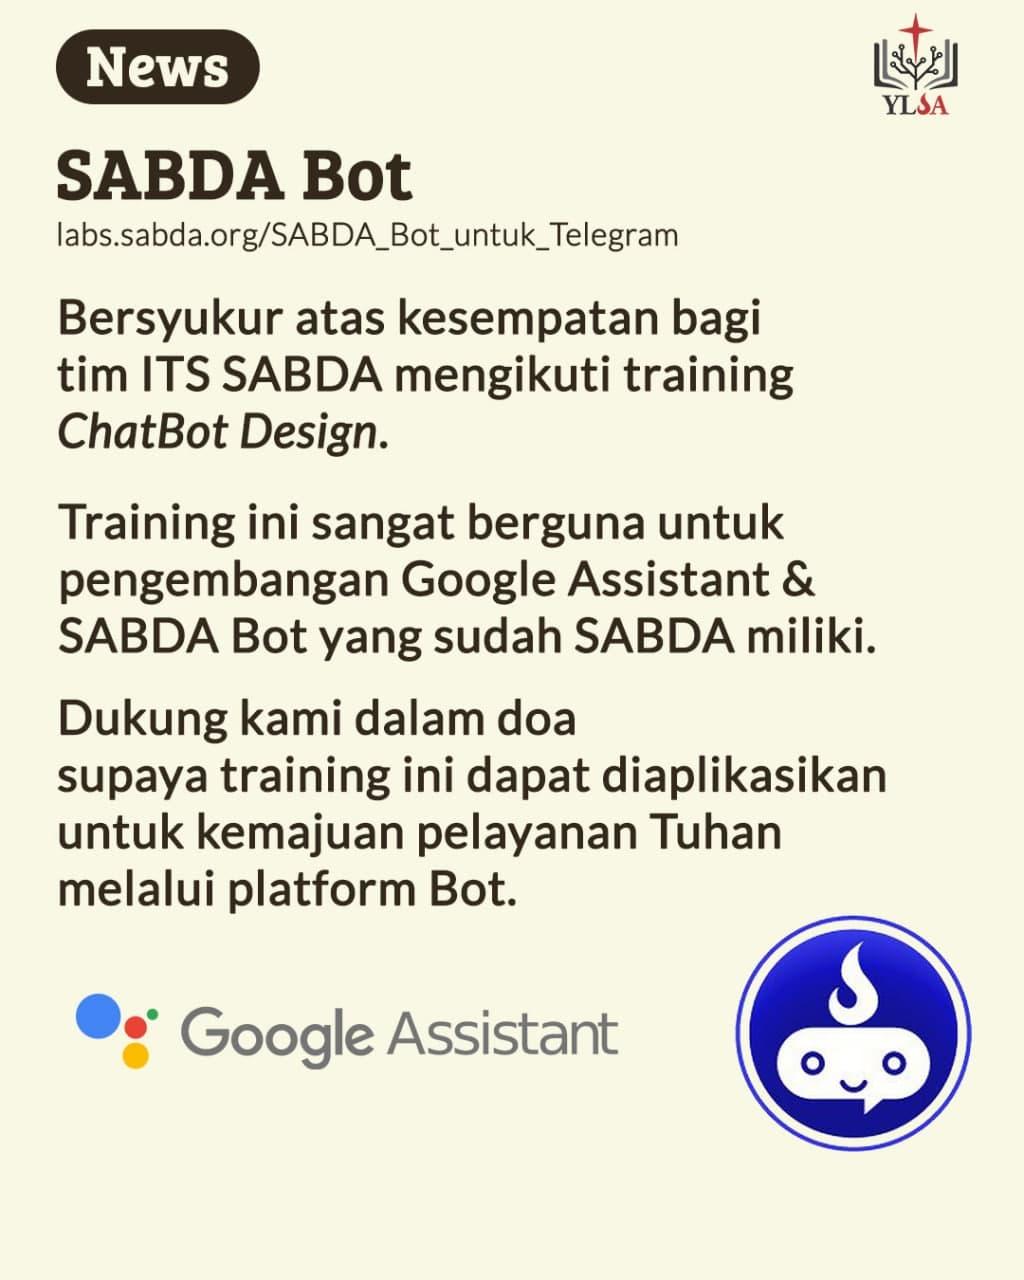 Tim ITS SABDA mengikuti training ChatBot Design.